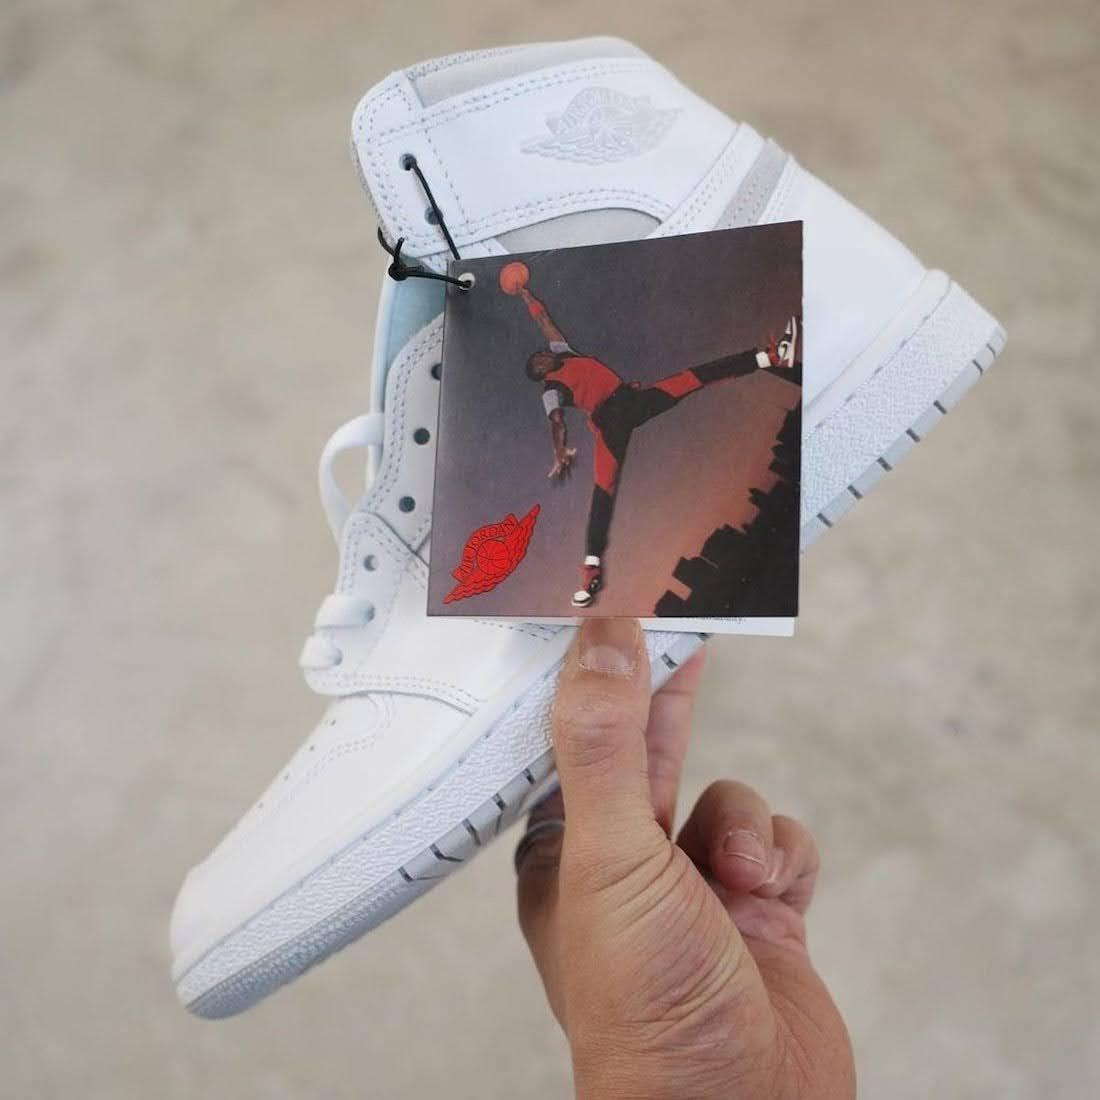 """ナイキ エアジョーダン1 ハイ 85 """"ニュートラルグレー""""-Nike-Air-Jordan-1-High-85-Neutral-Grey-BQ4422-100-2021-side-with-tag"""